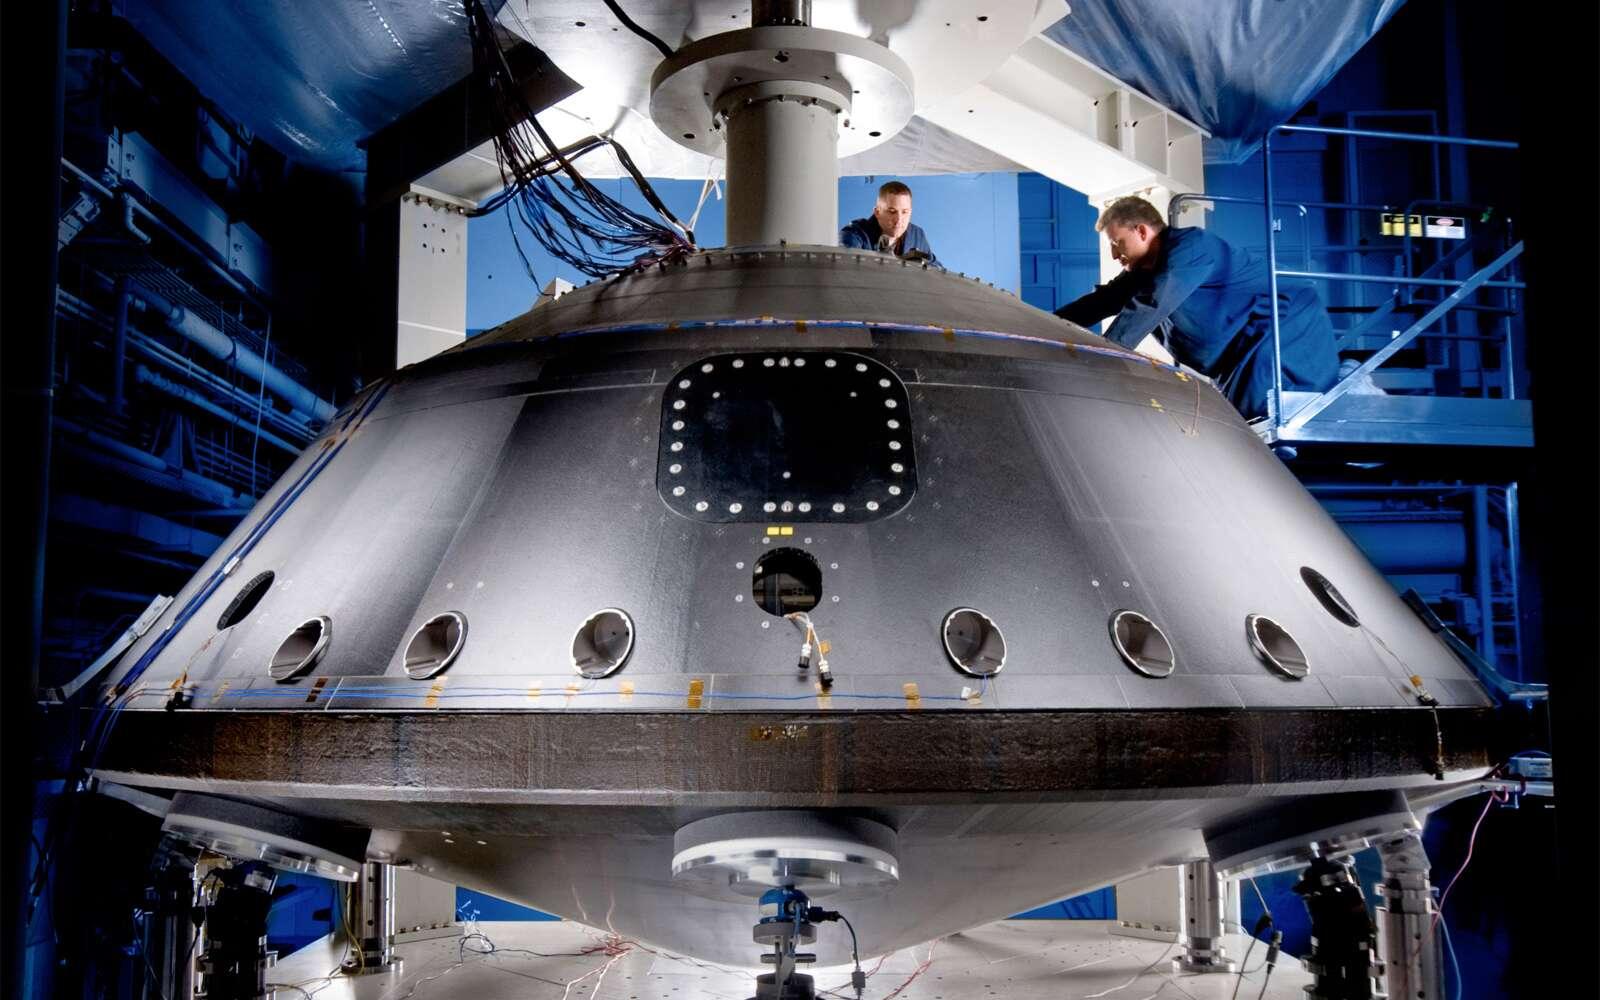 Voilà à quoi ressemblera le bouclier thermique de Curiosity lorsqu'il sera assemblé. Le cône avant est en bas. Quant au rover, il sera bien évidemment à l'intérieur ! © Lockheed Martin